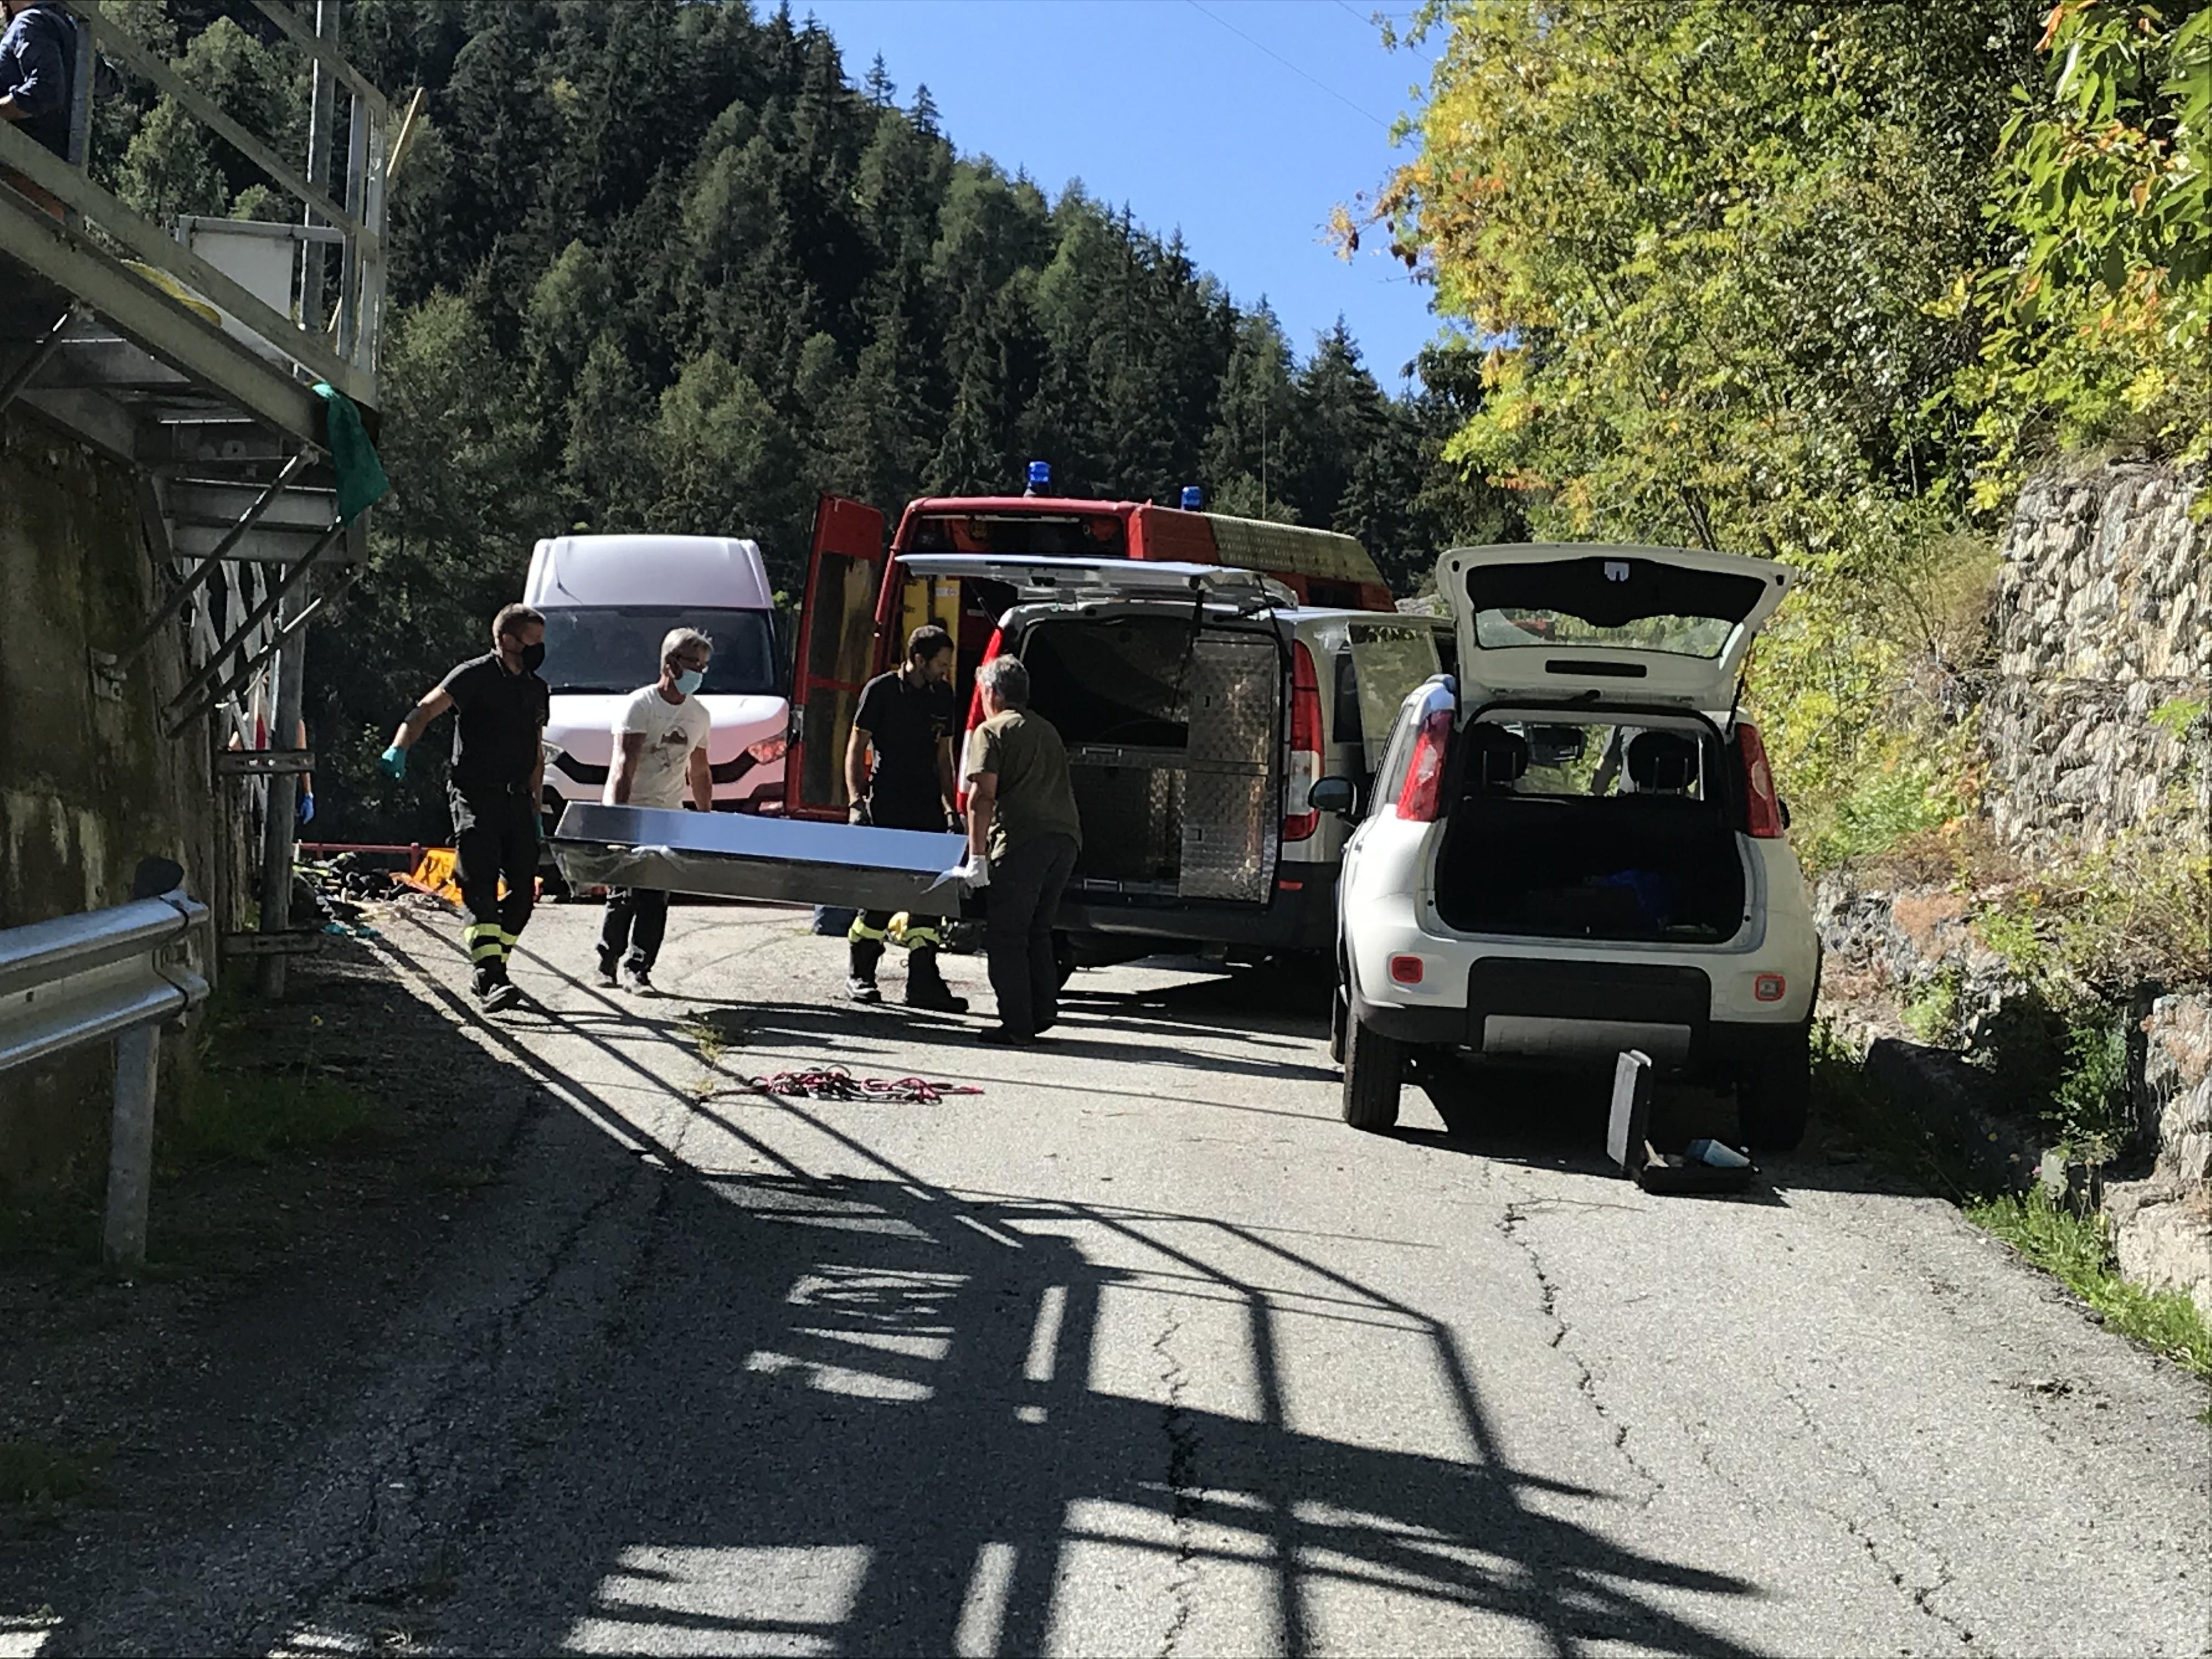 Operaio morto ad Allein: la Procura incarica due ingegneri per far luce sulla dinamica dell'incidente